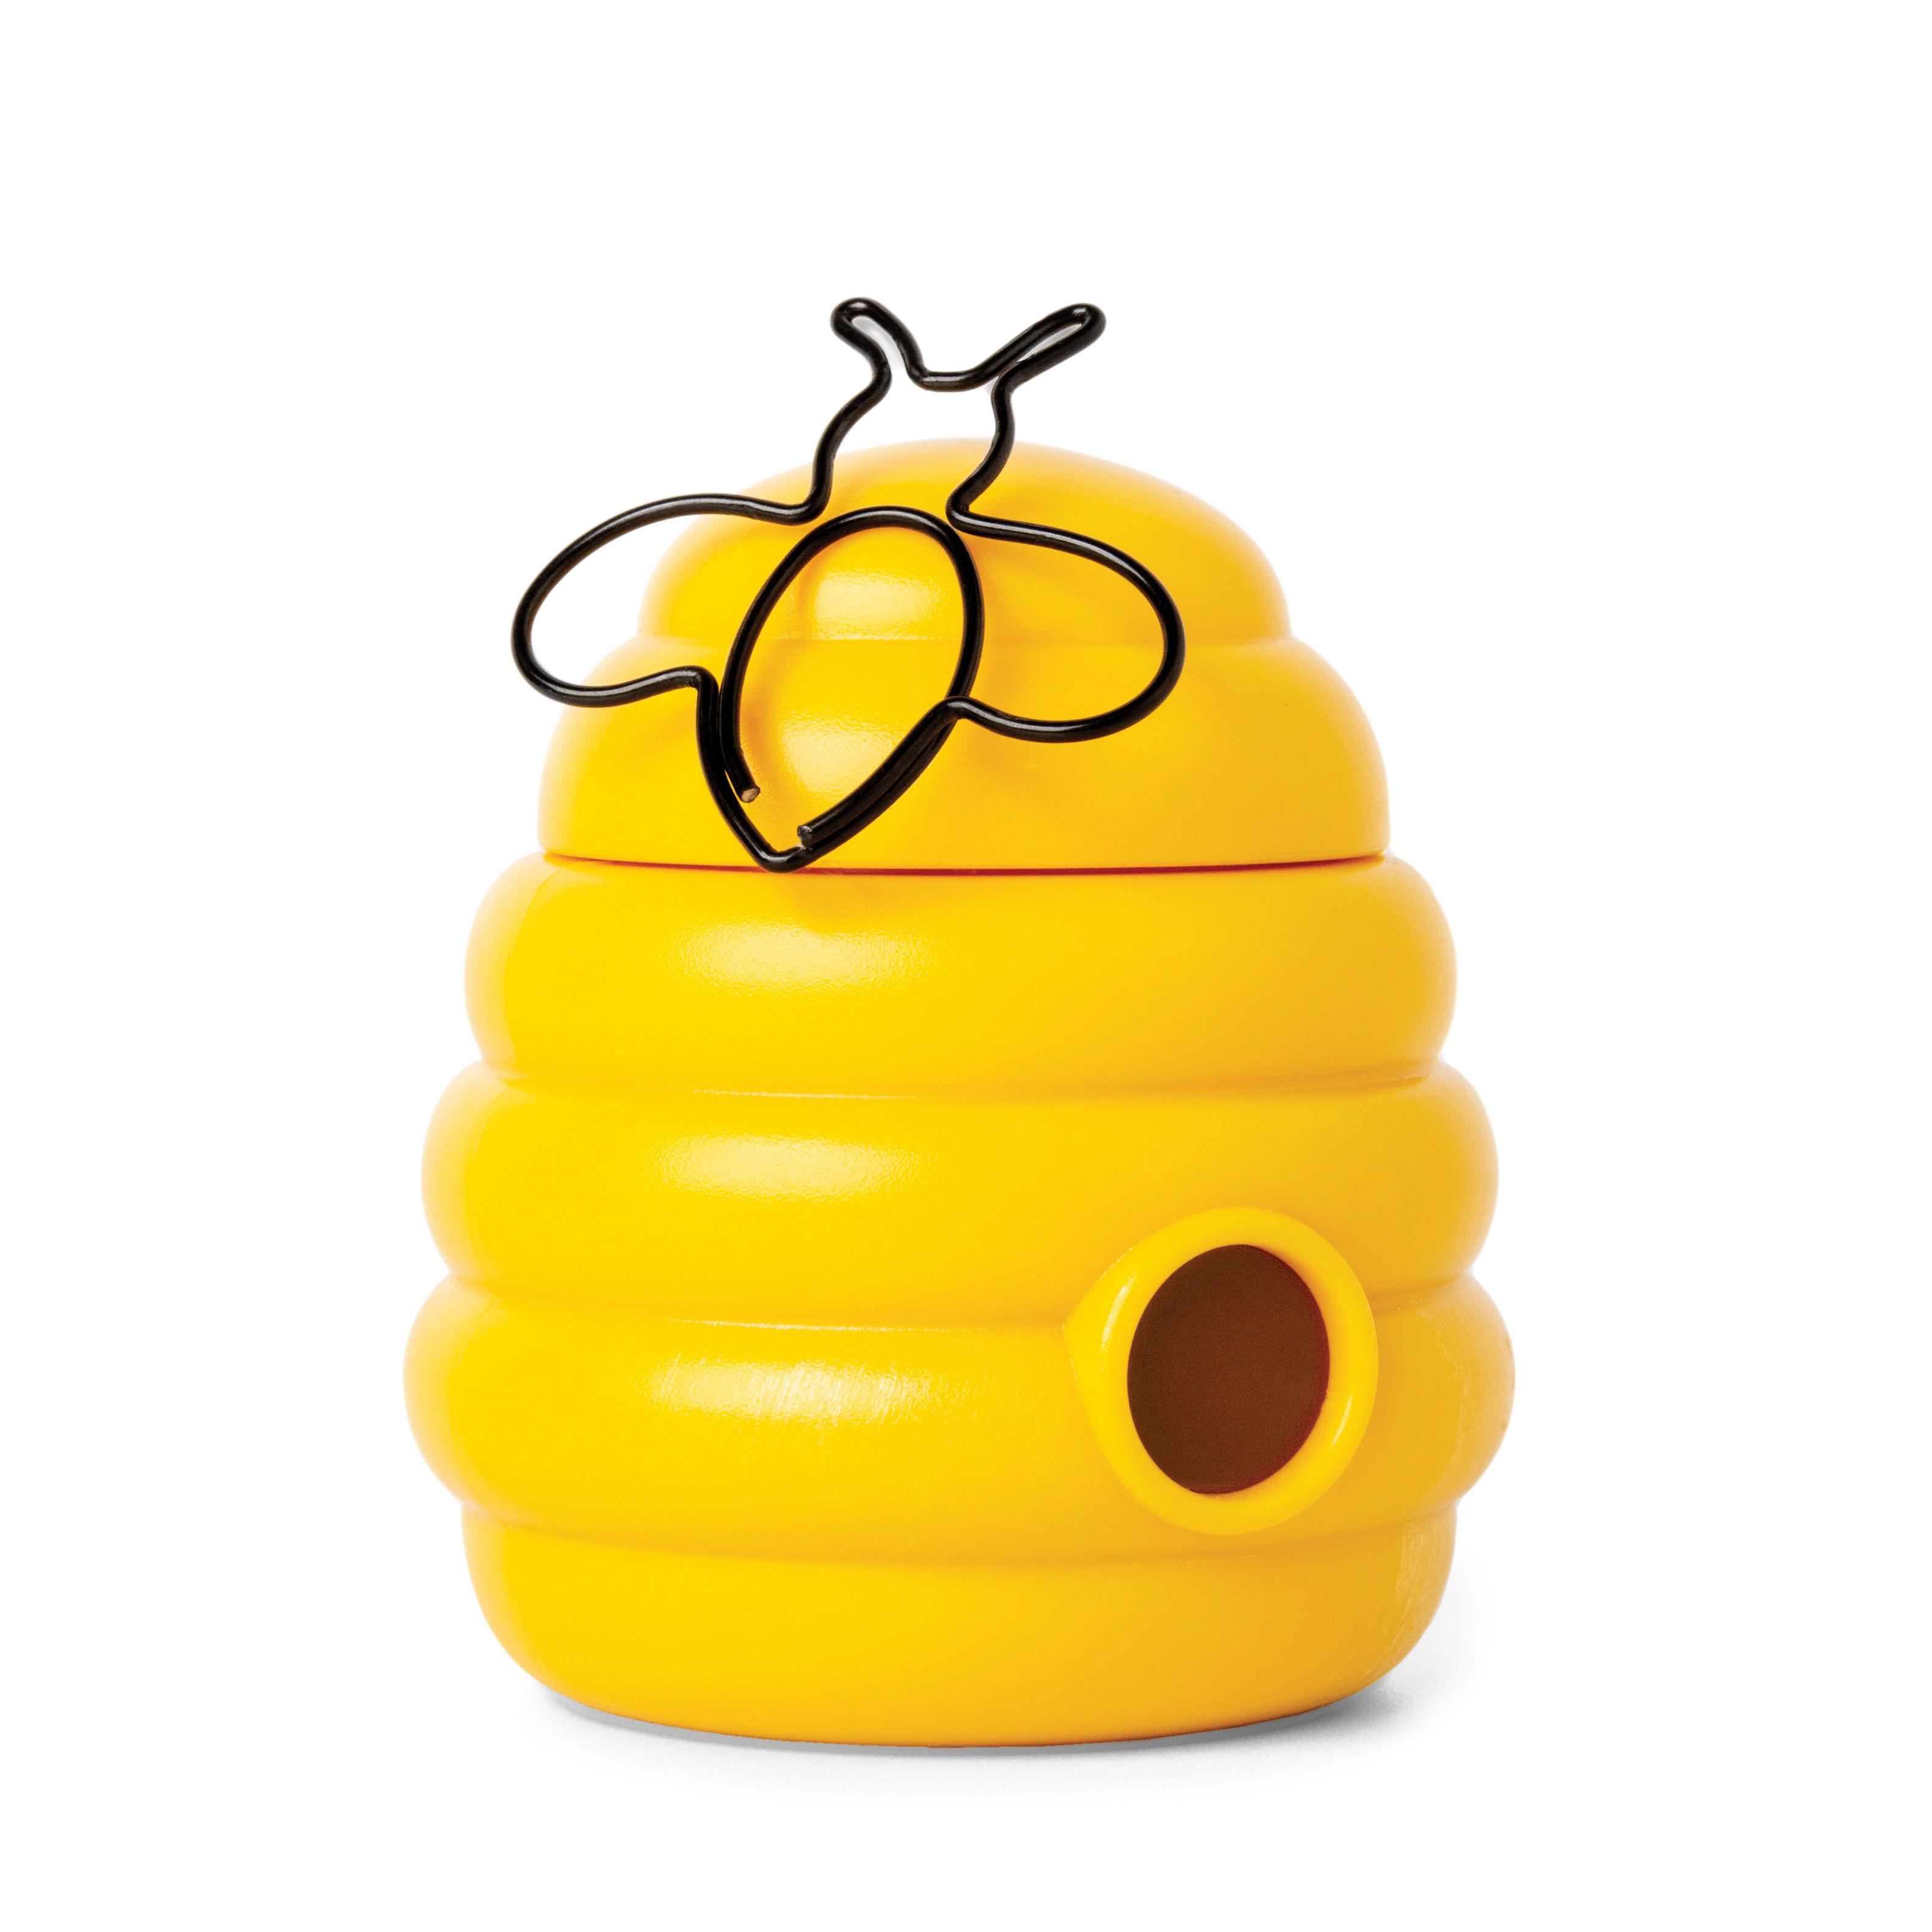 Accessori moda - Accessori ufficio - Scatola magnetica Busy Bees - / + 20 clips a forma di ape di Pa Design - Giallo & nero - Metallo, Polipropilene